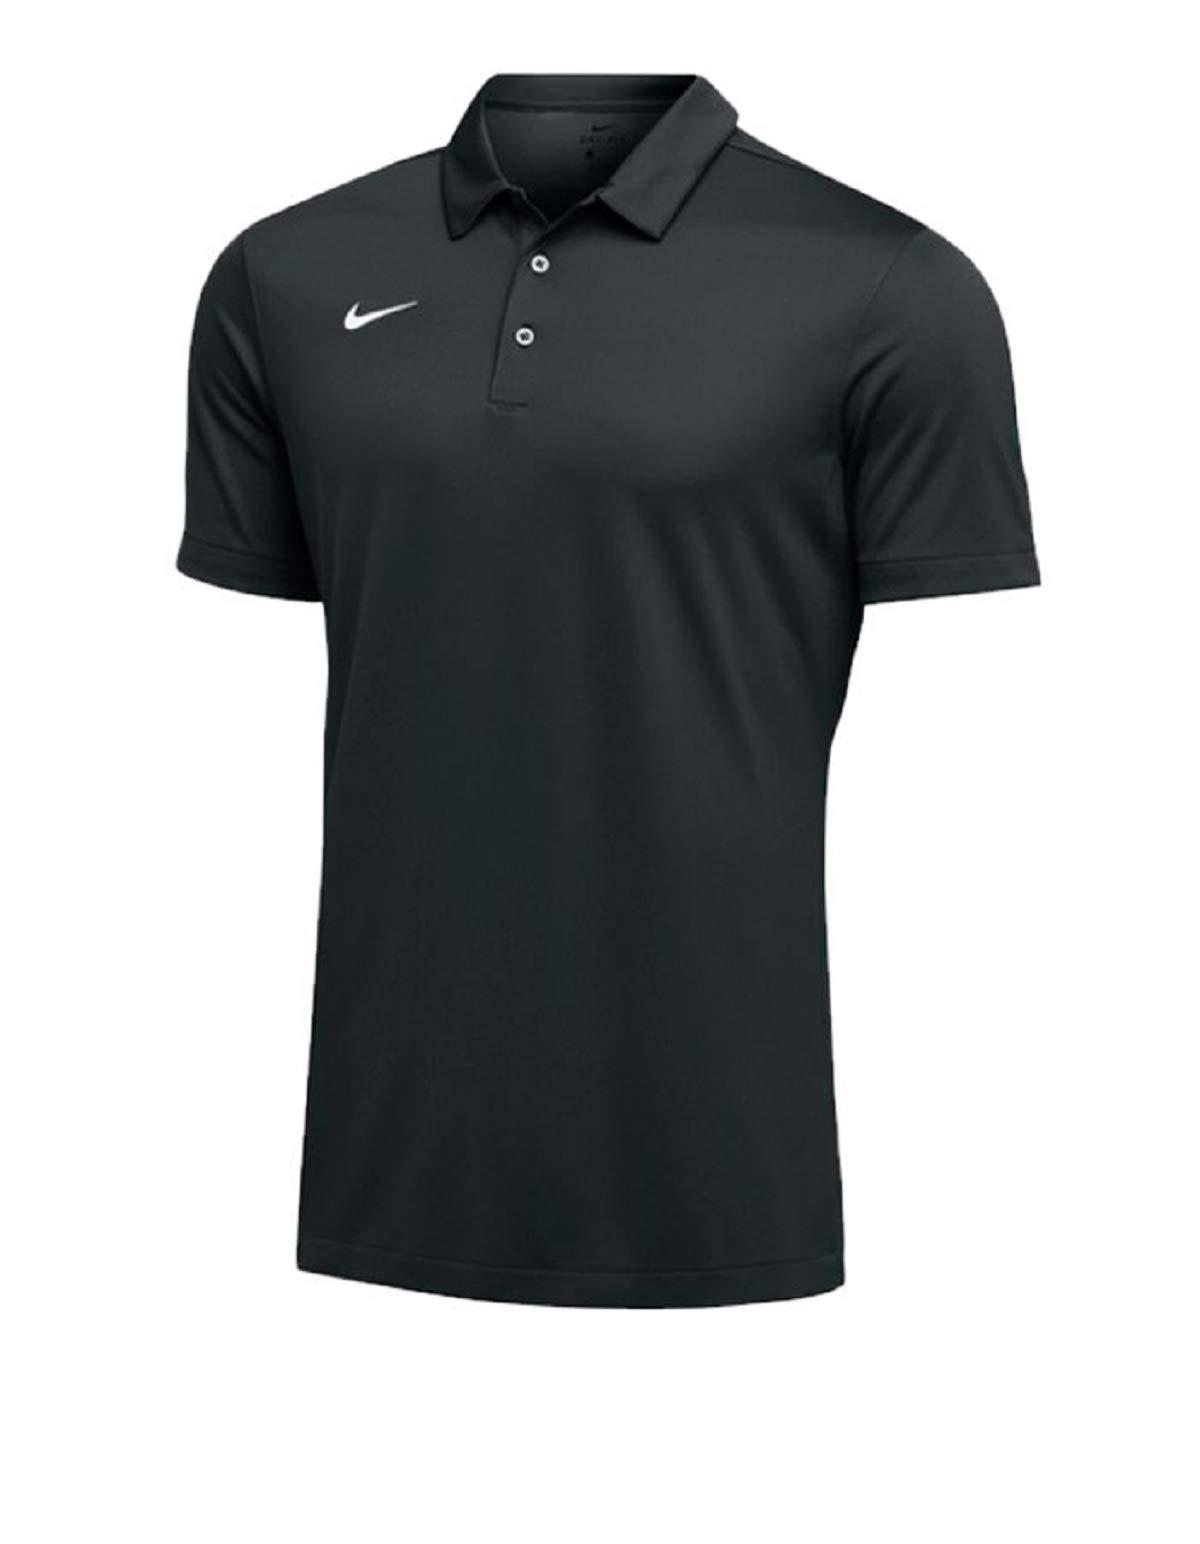 Nike Mens Dri-FIT Short Sleeve Polo Shirt (Small, Black) by Nike